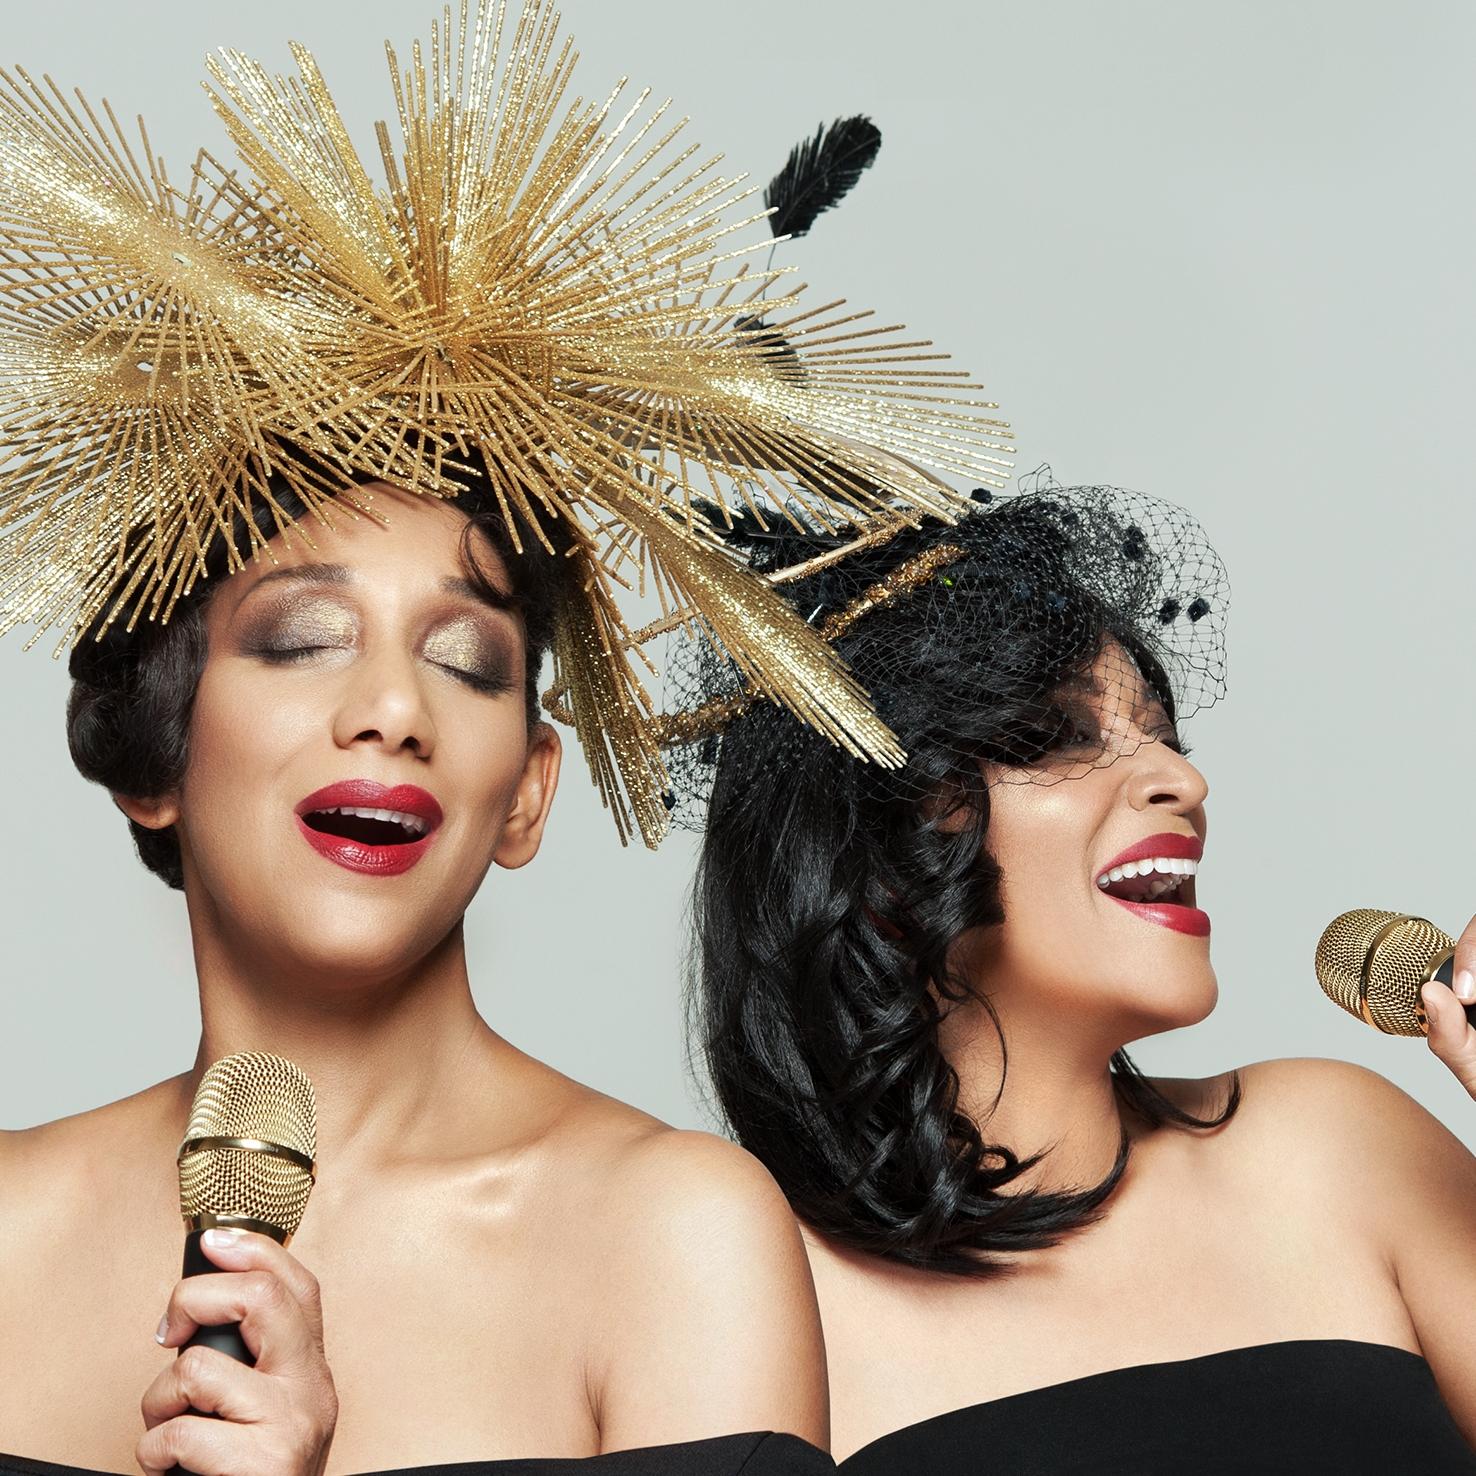 """Sister Sledge - En av musikhistoriens mest ikoniska """"tjejband"""" kommer till Torsjö Live. Systrarna var under 70/80-tal synonymt med amerikansk disco av bästa märke. Med hits som """"We are family"""" och """"He´s the greatest dancer"""" och otaliga samarbeten med de främsta inom soulen har Sister Sledge spridit glädje till generationer.Systrarna har genom åren spelat för presidenter och påvar. Nu kommer de till Torsjö Live för att sjunga för oss.Kim och Debbie Slegde kommer nu med sitt 8-man starka band till Torsjö Live fredagen 28 juni. Dans, glädje och sväng på Torsjö Lives stora scen där ingen kommer att kunna stå still.På scen fredag 28 juni"""